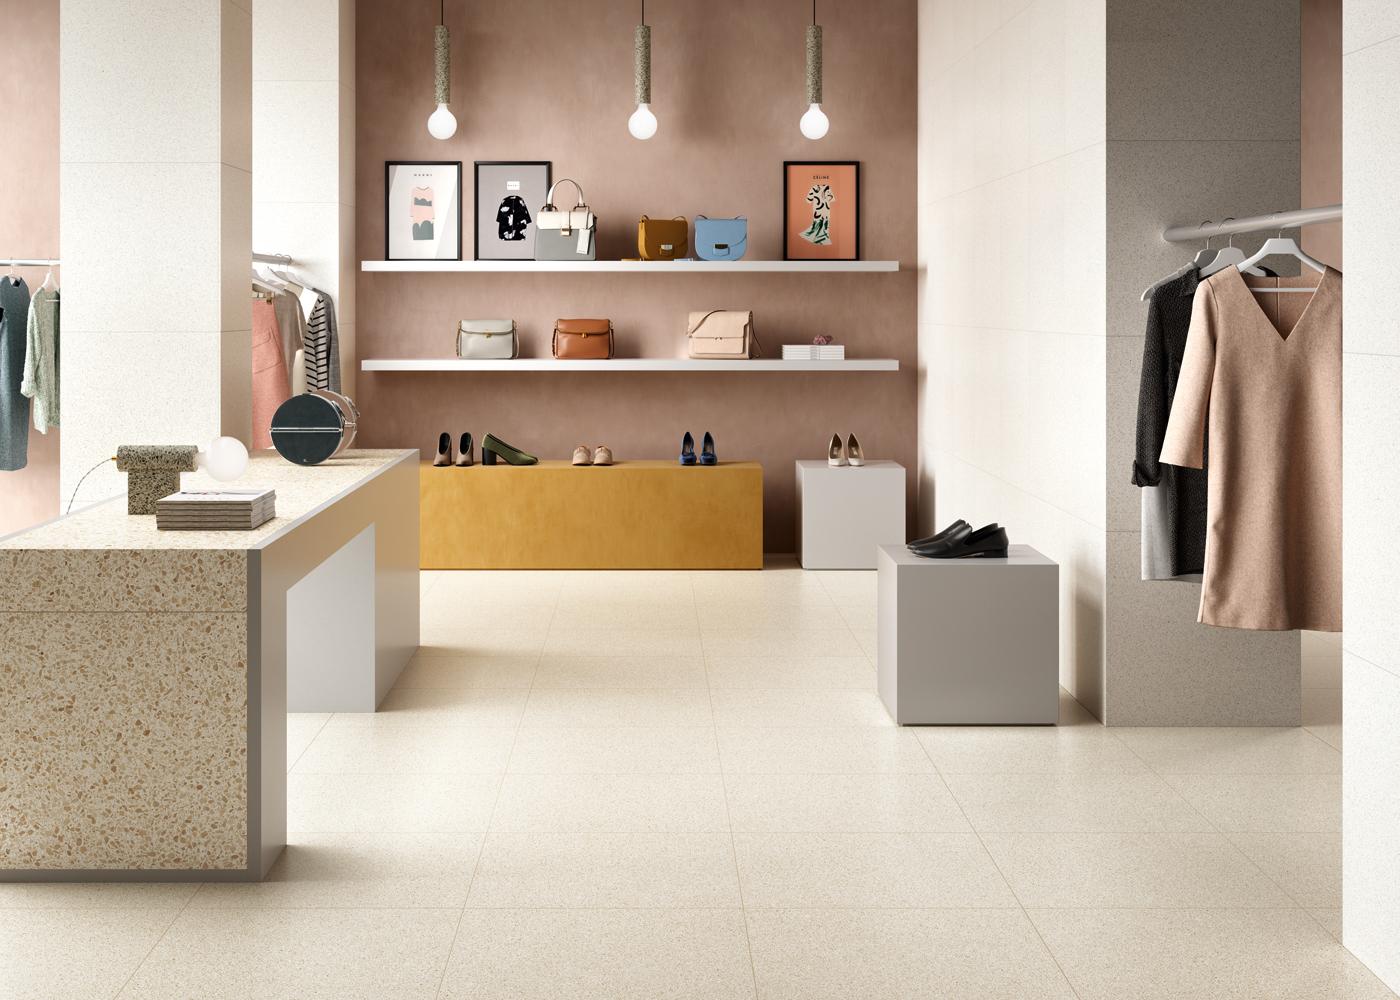 Espaces Retail et Hospitality